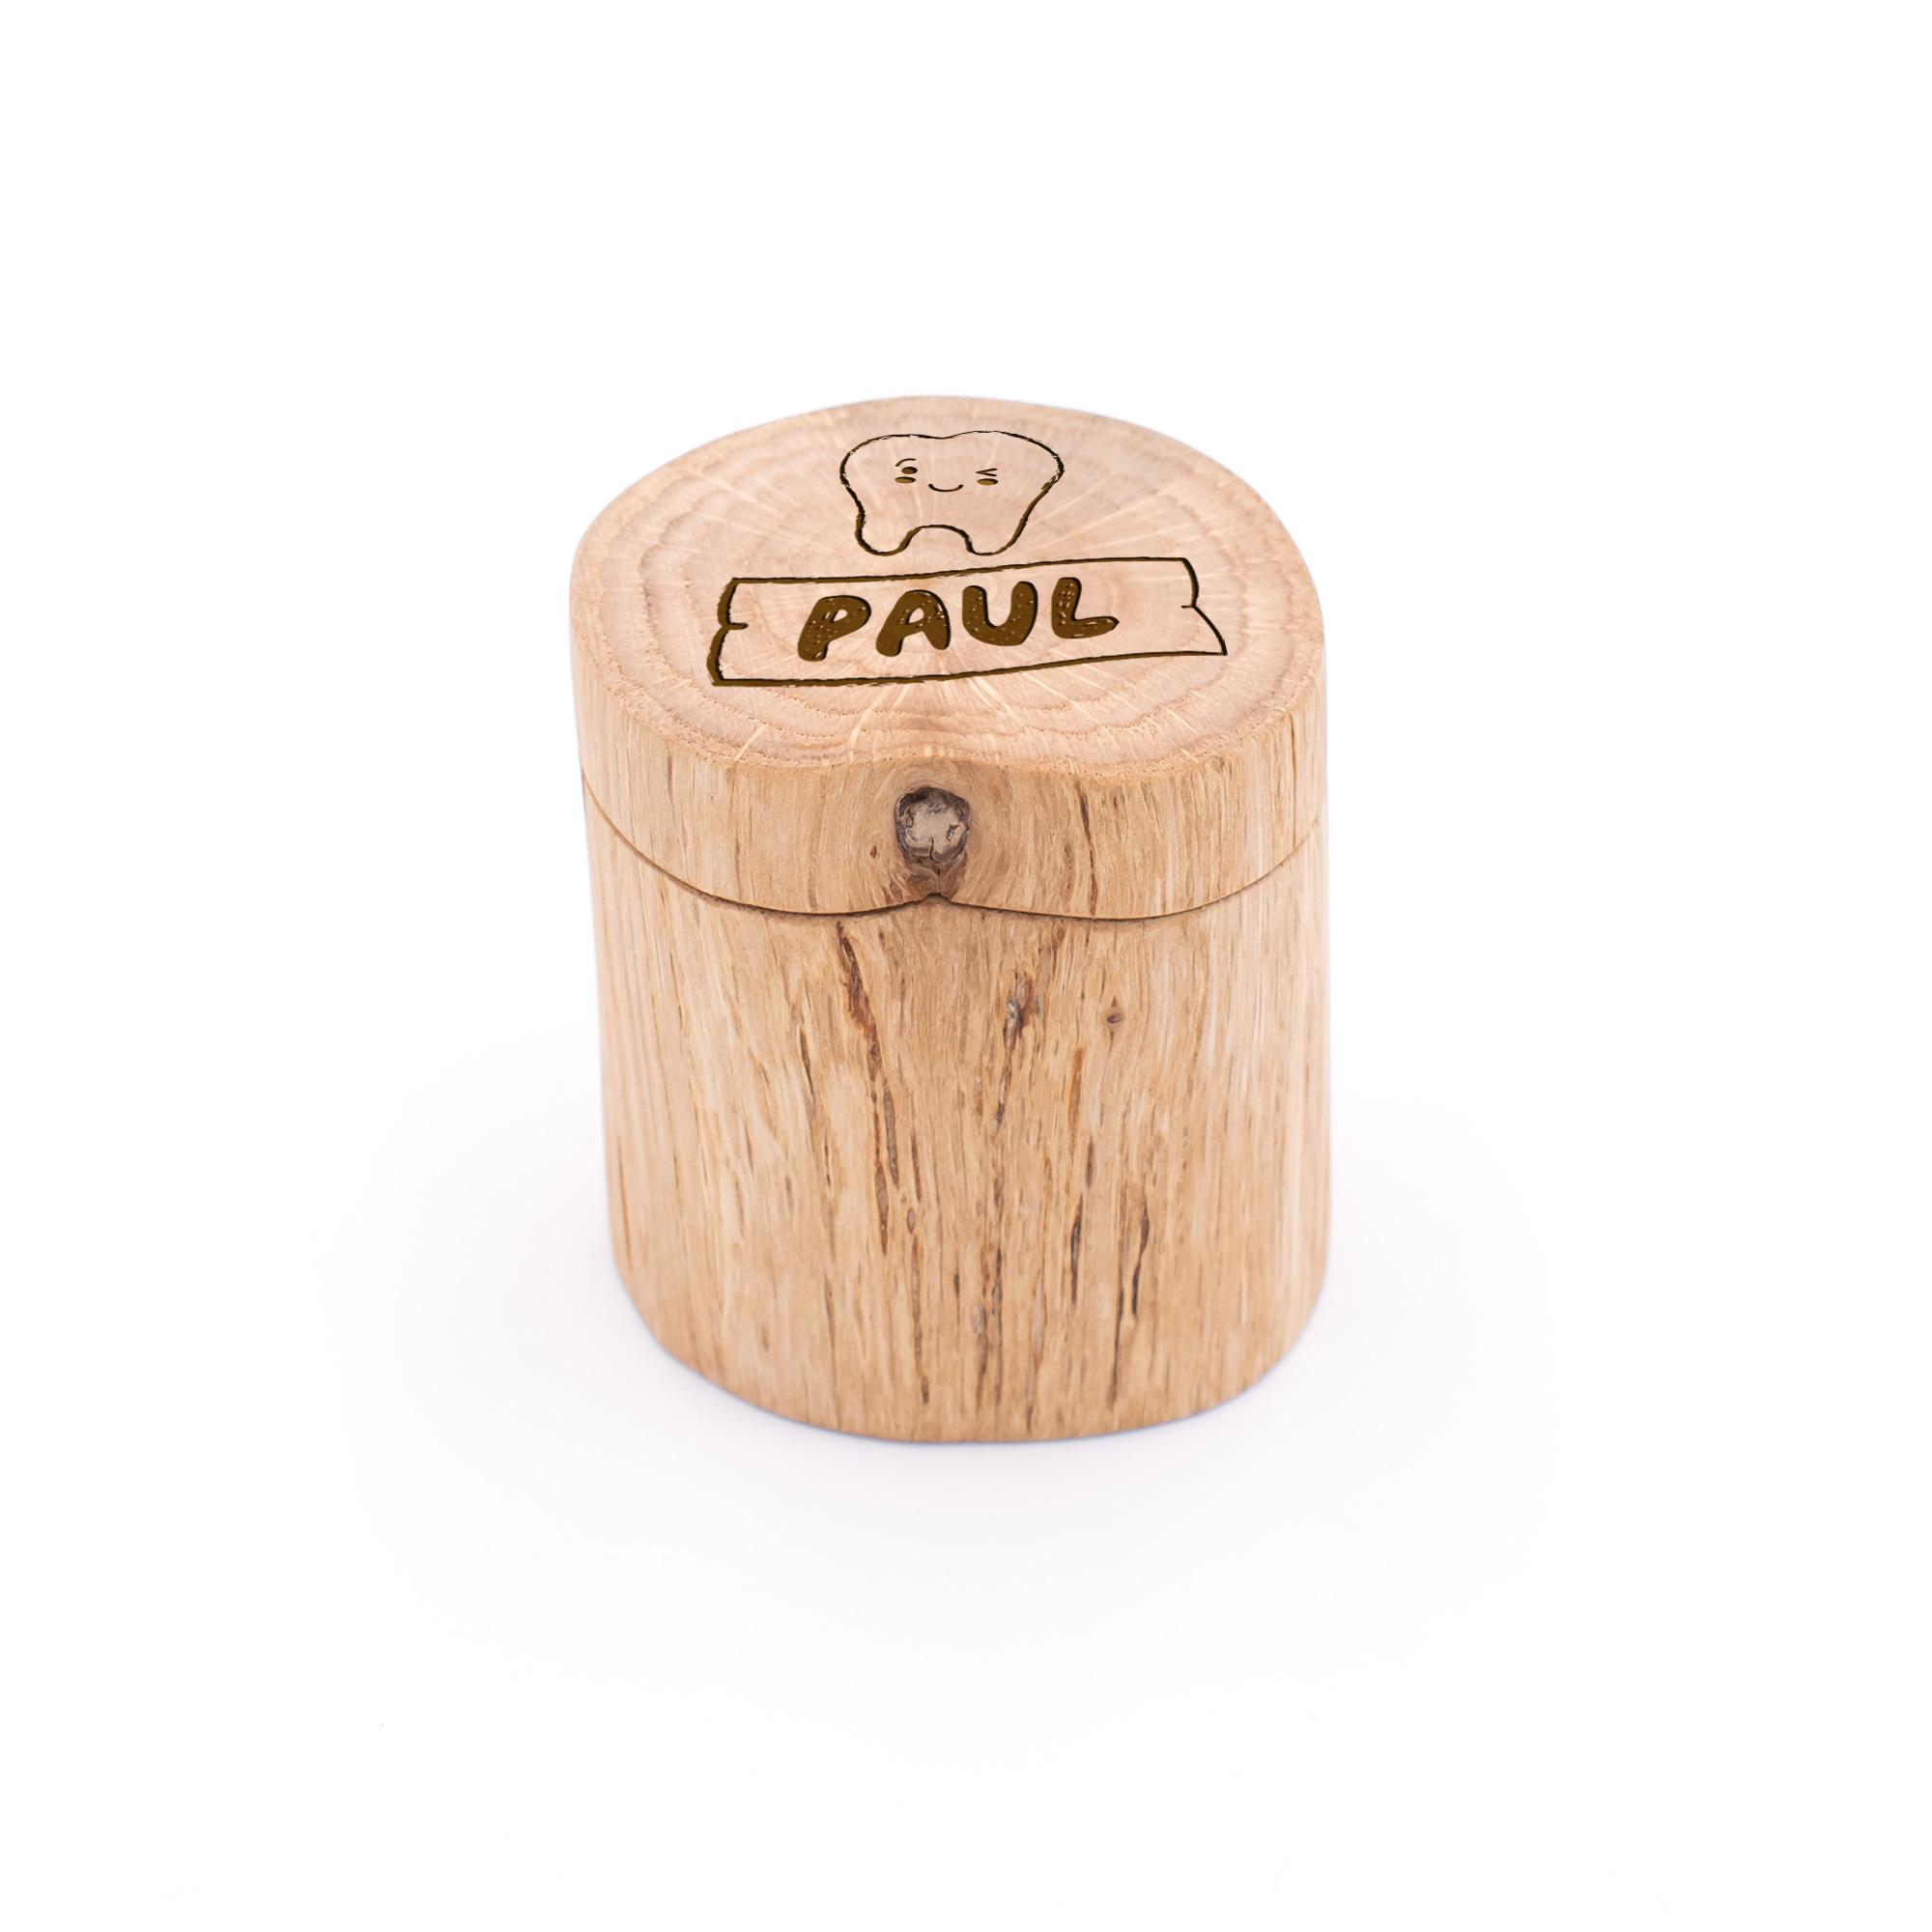 Milchzahndose aus Holz mit Namen und süßem Zahn graviert